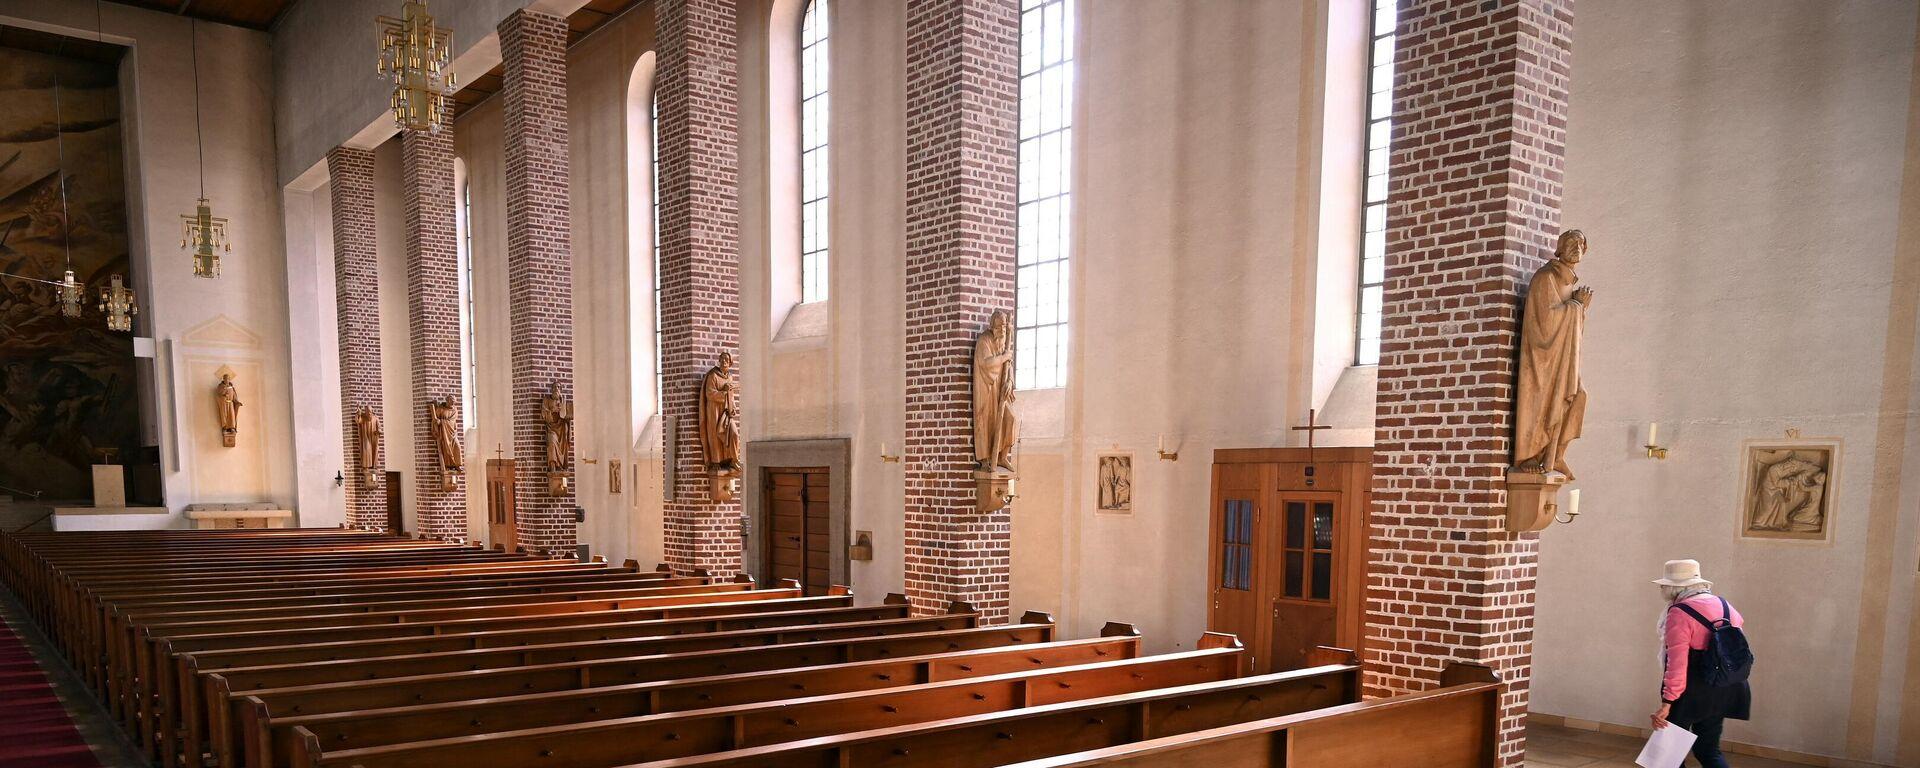 Katholische Kirche (Symbolbild) - SNA, 1920, 20.06.2021